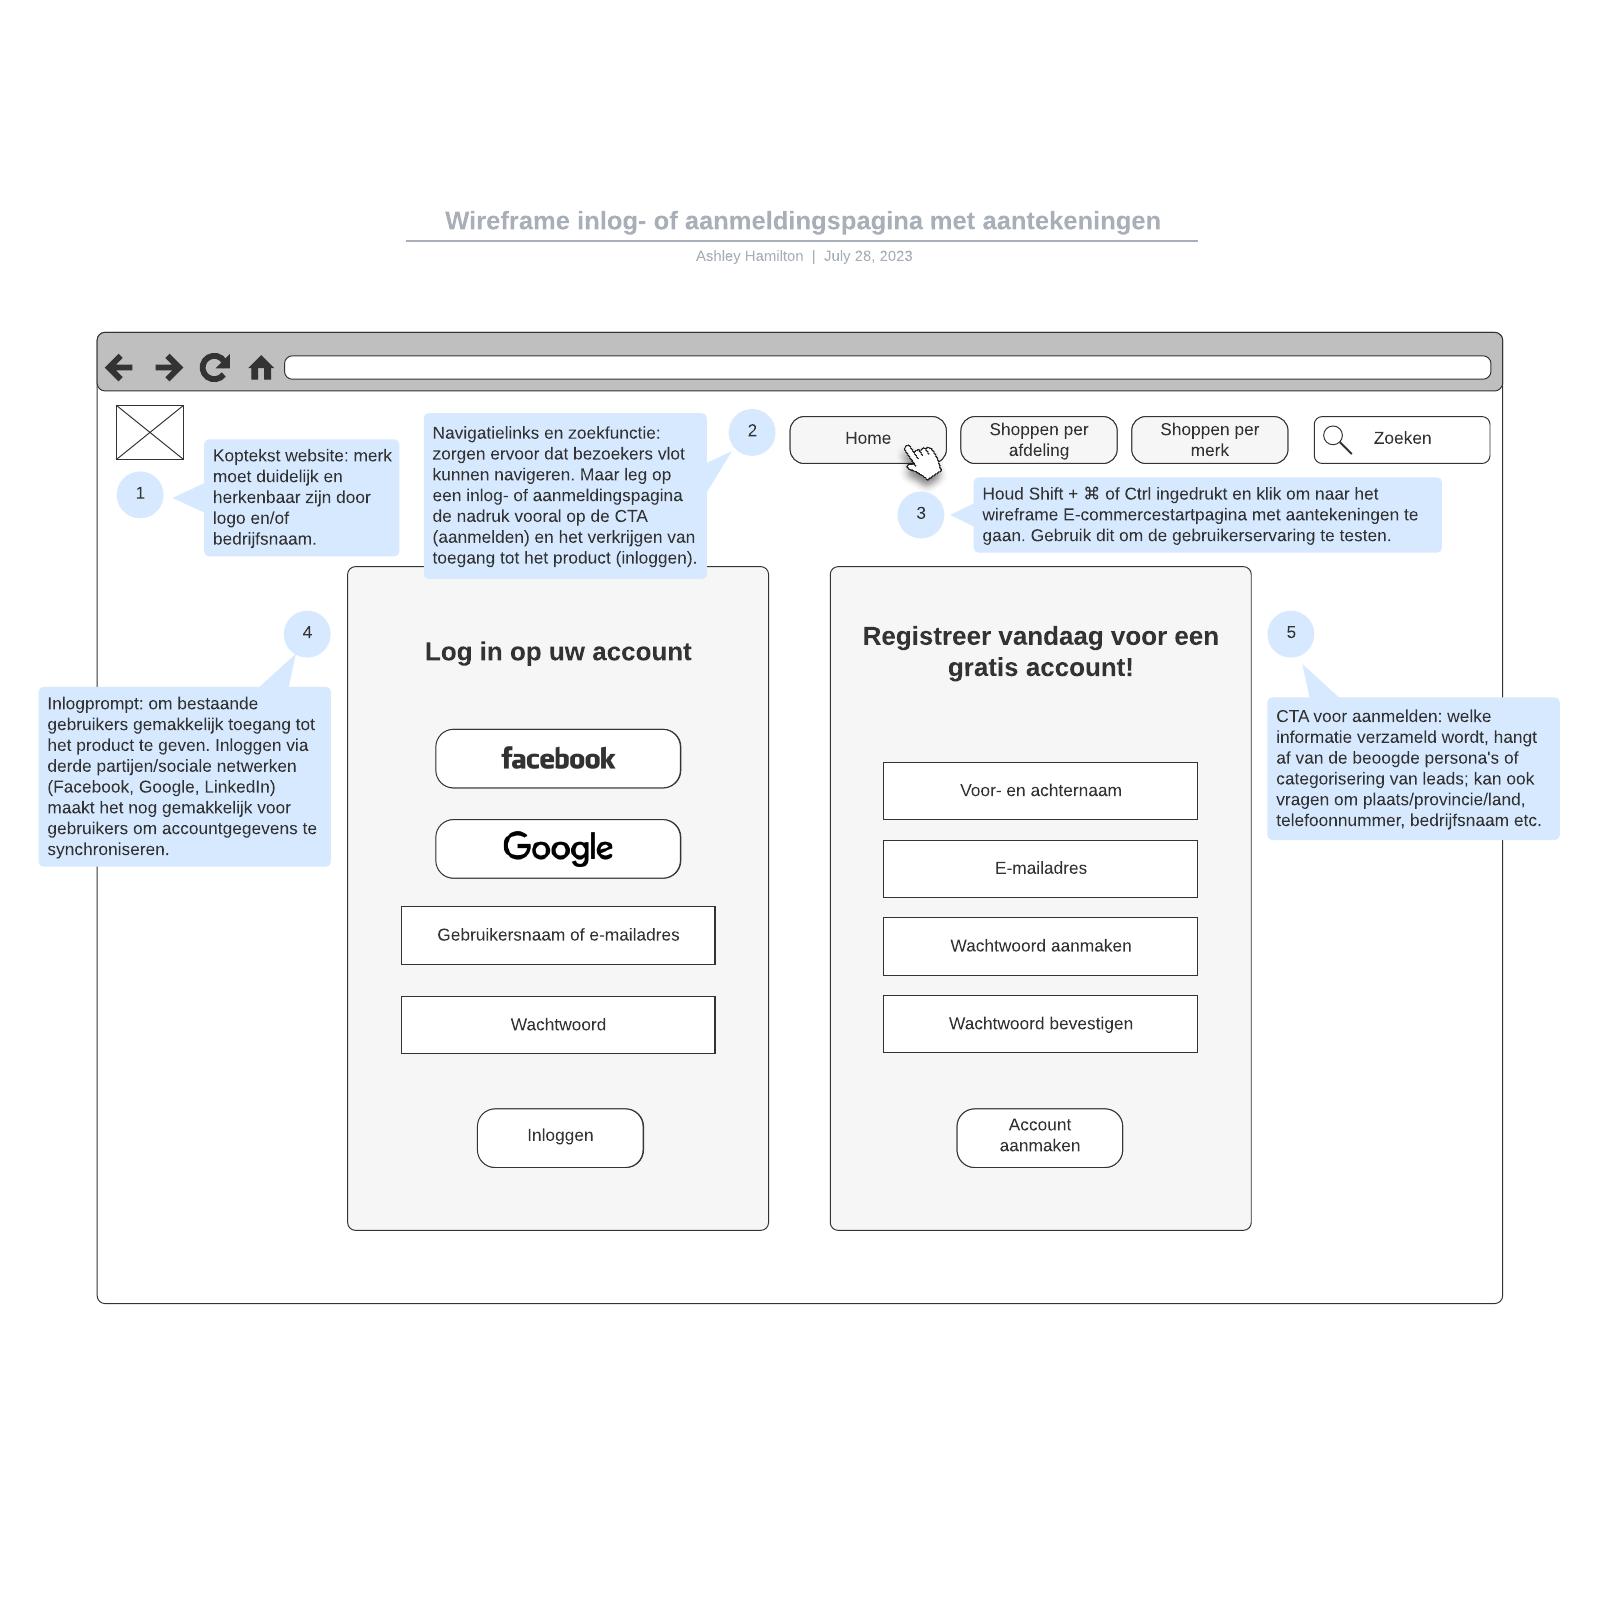 Wireframe inlog- of aanmeldingspagina met aantekeningen